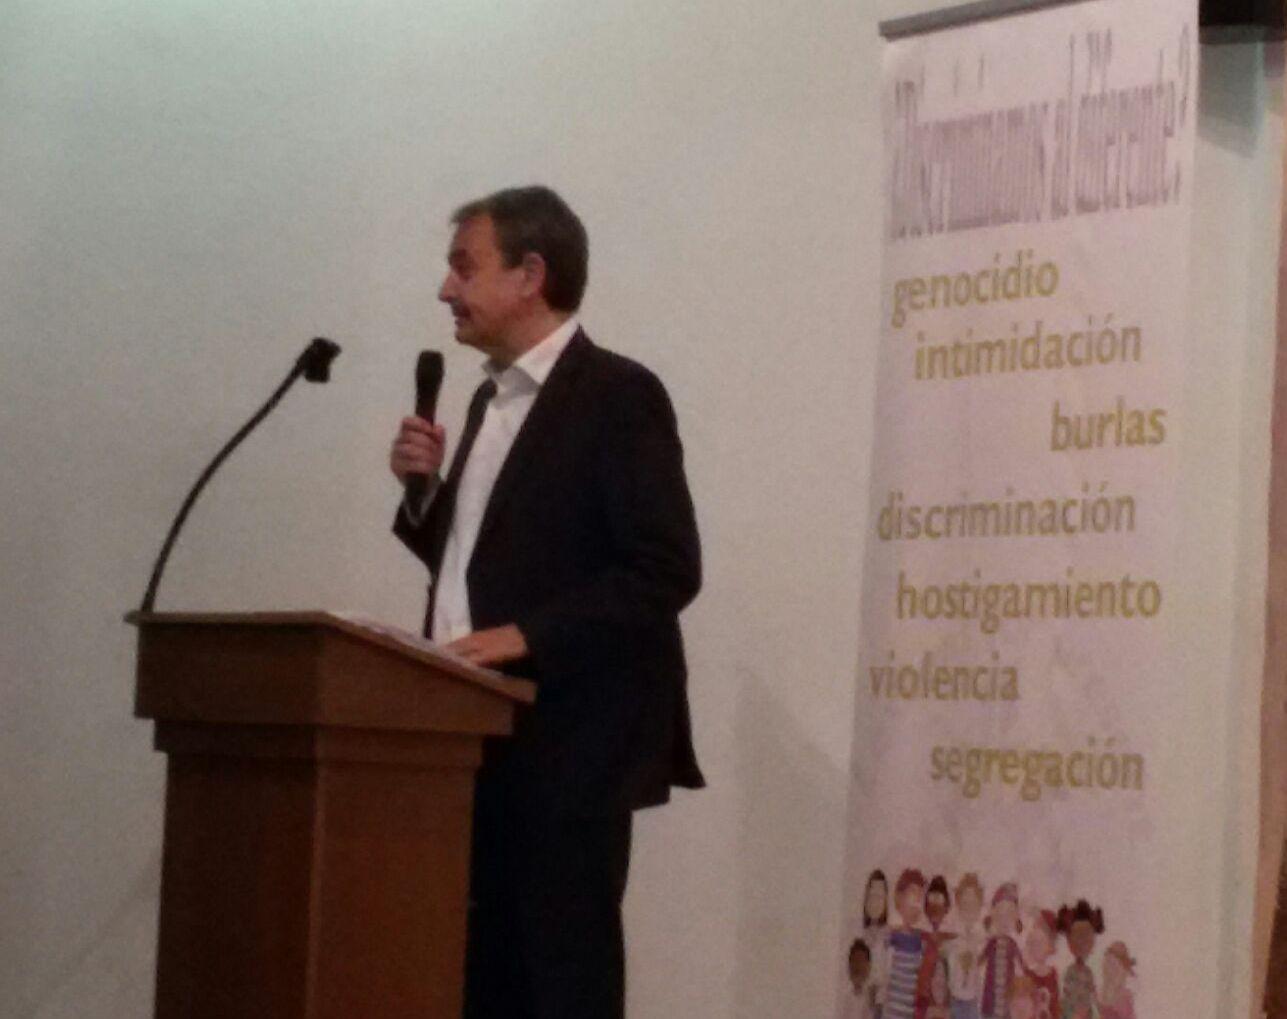 Ο Zapatero μιλά στους μαθητές του σχολείου